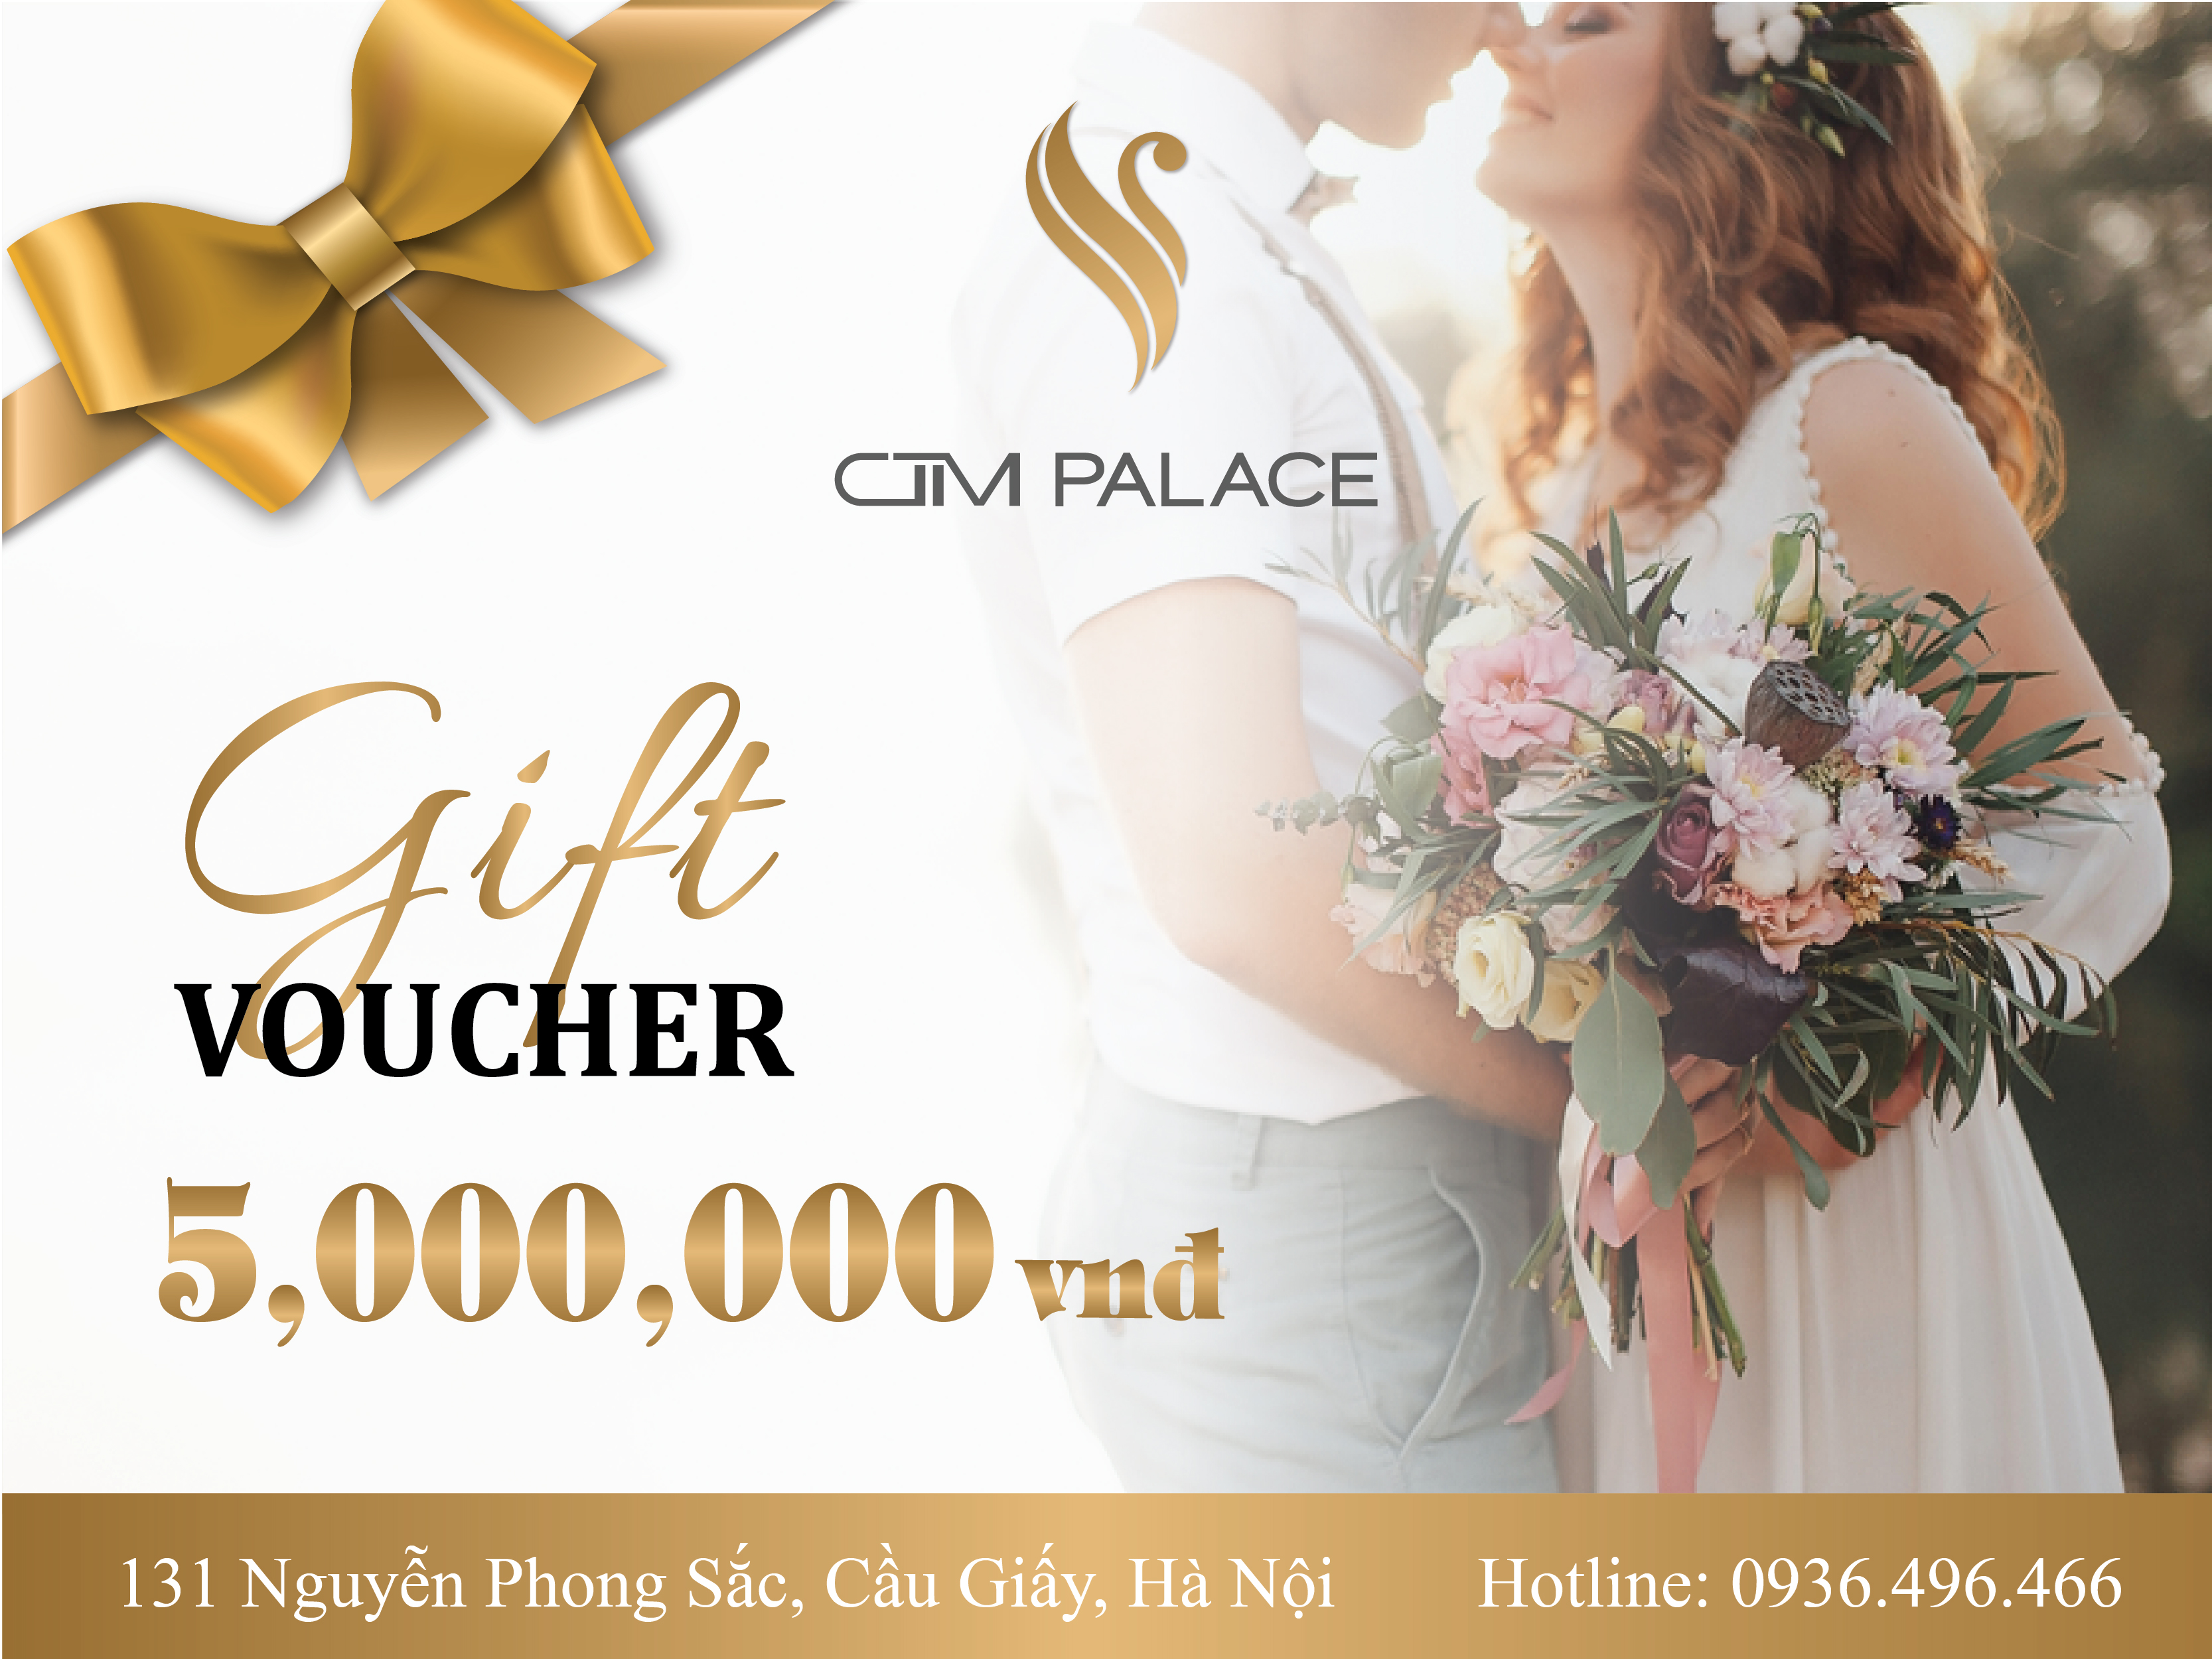 Tặng voucher 5.000.000VNĐ tưng bừng chào hè tại CTM Palace